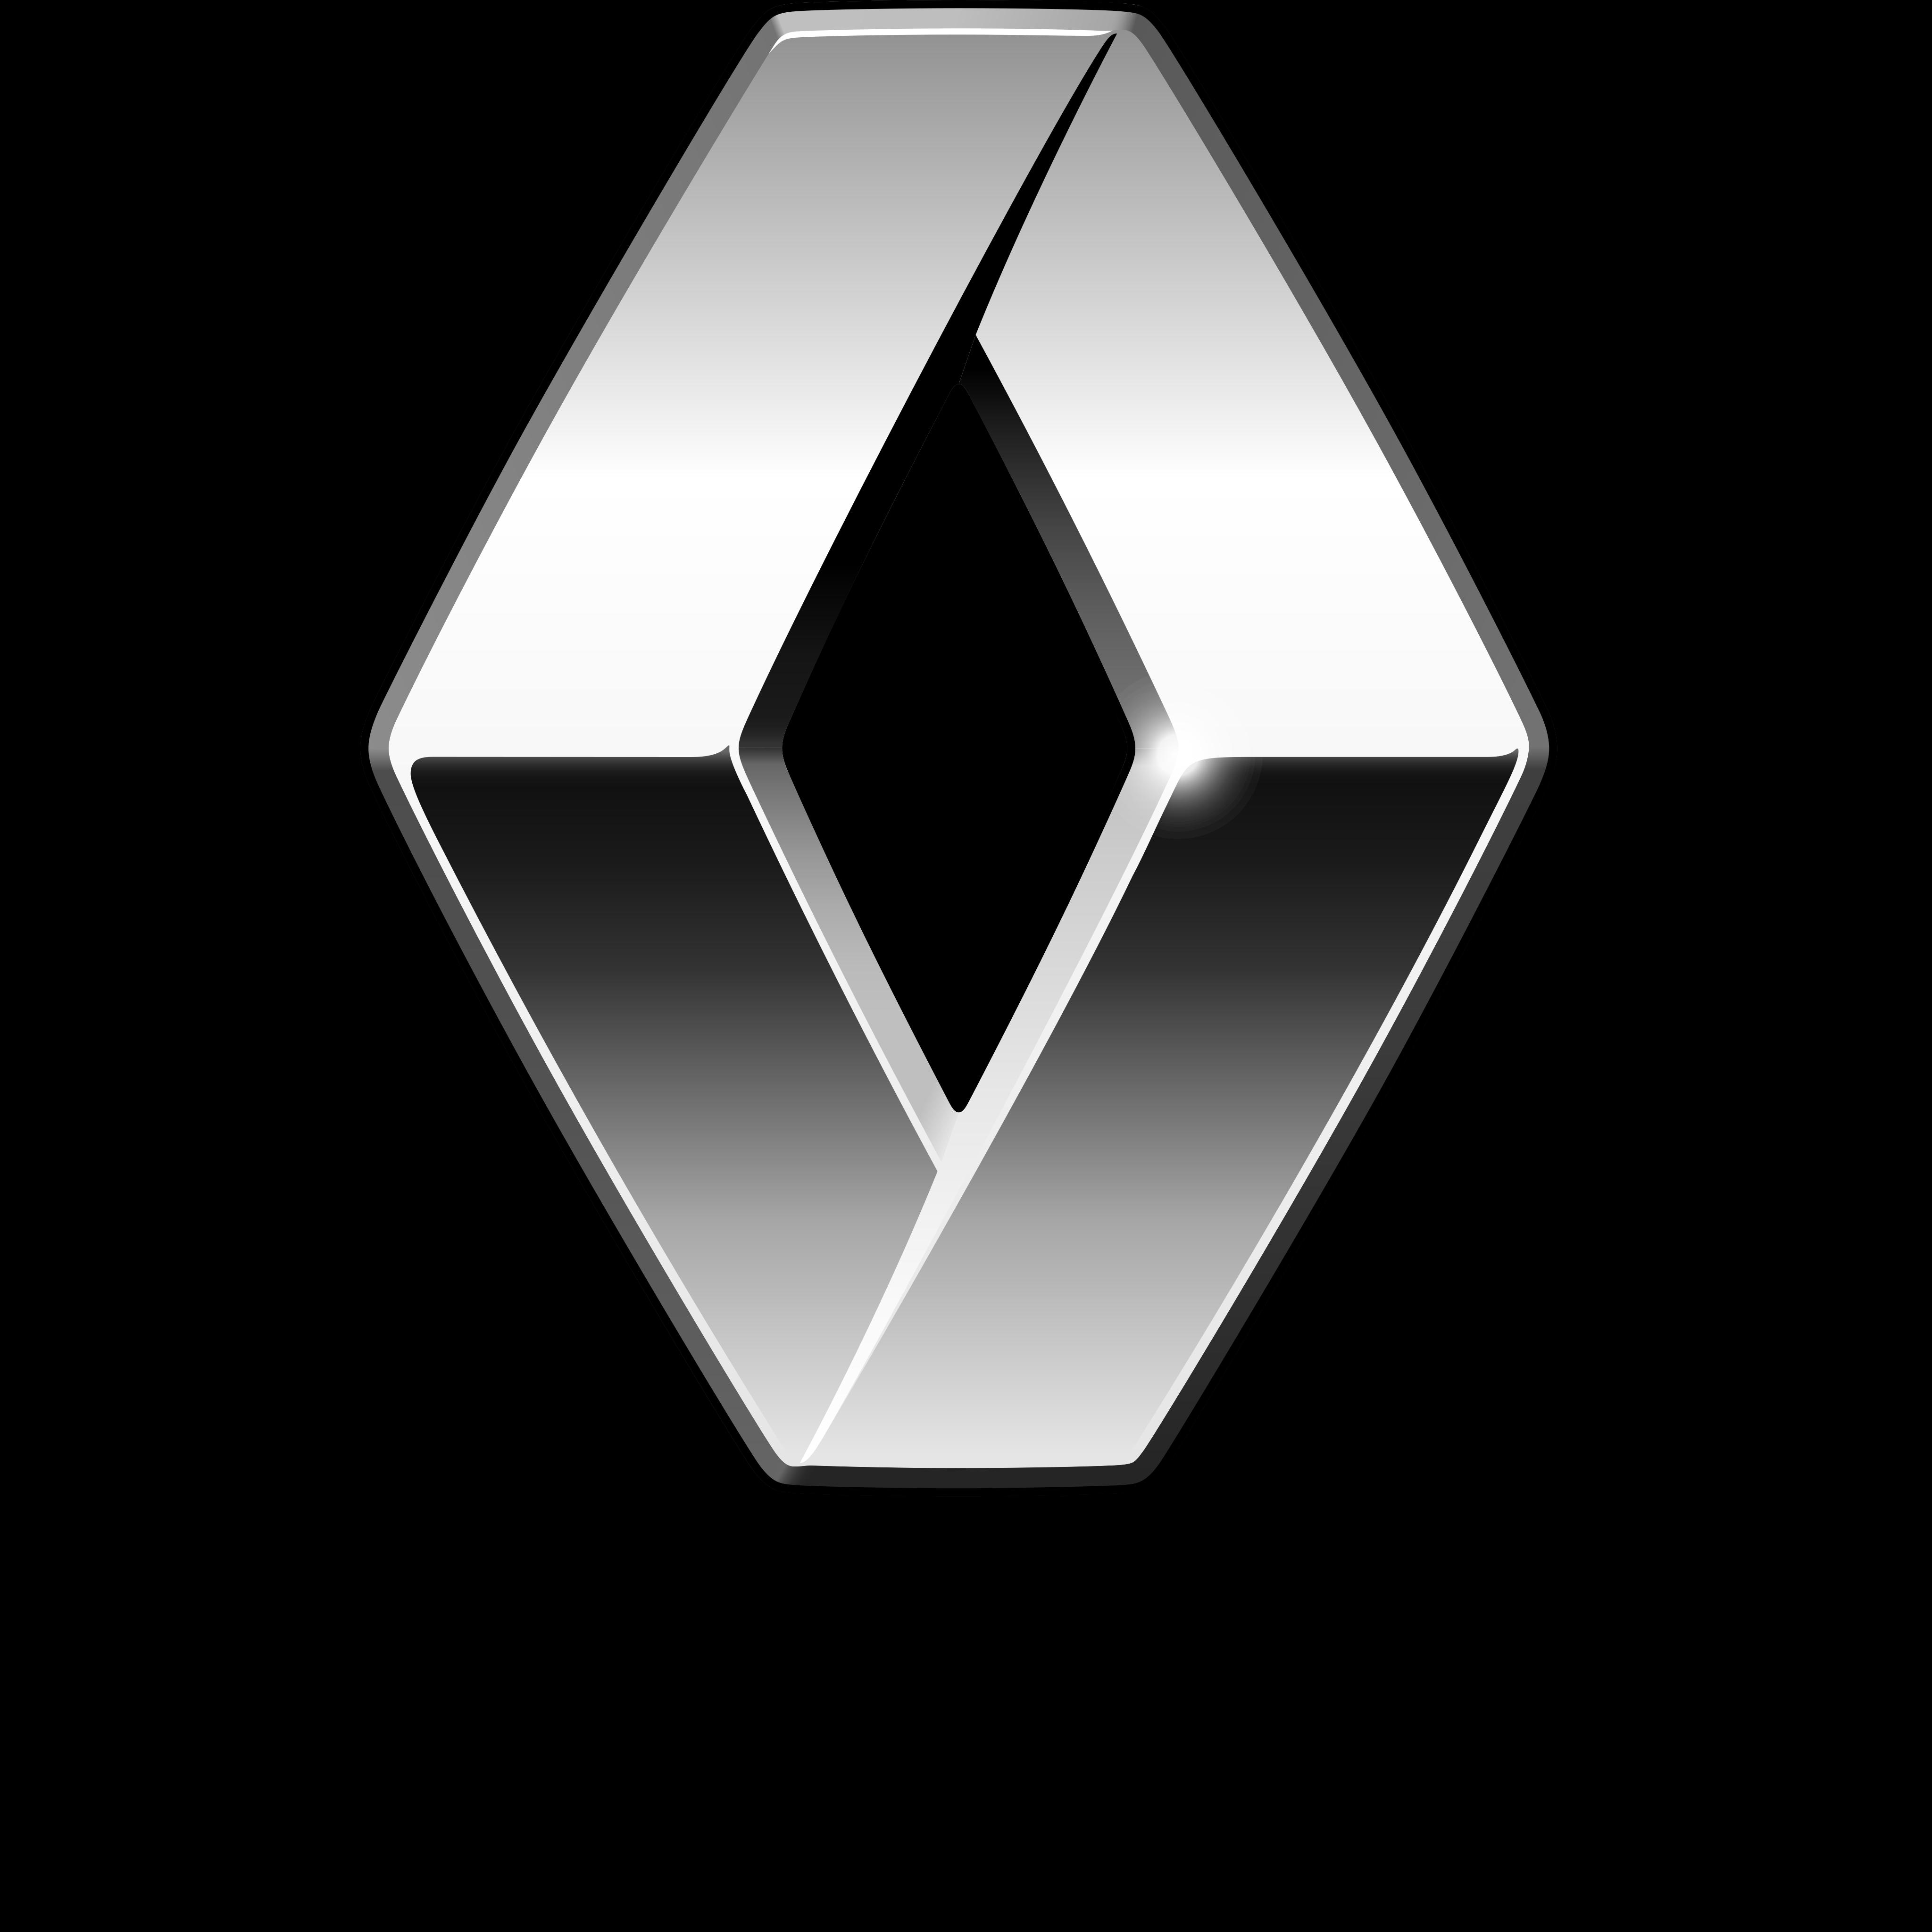 renault logo 6 - Renault Logo